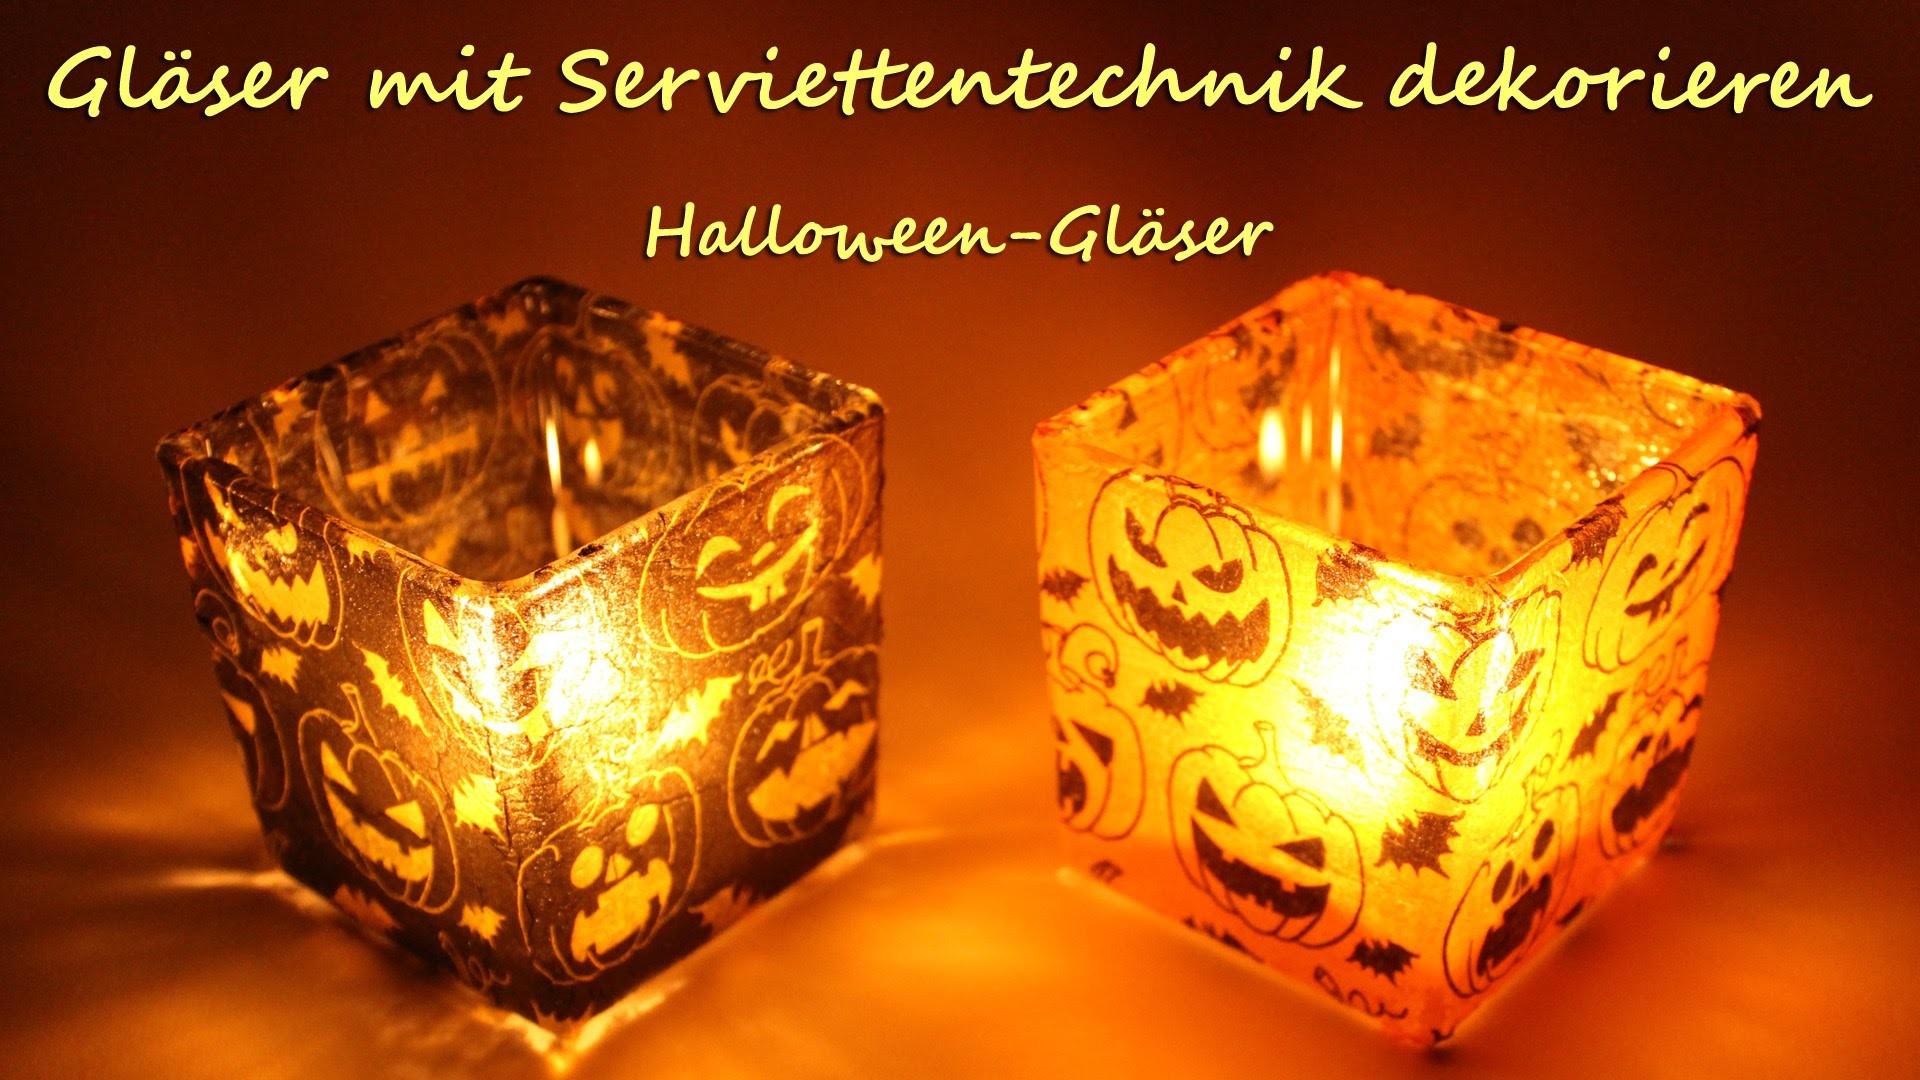 DIY: Gläser mit Serviettentechnik dekorieren - Spukige Teelichter zu Halloween | kreativBUNT